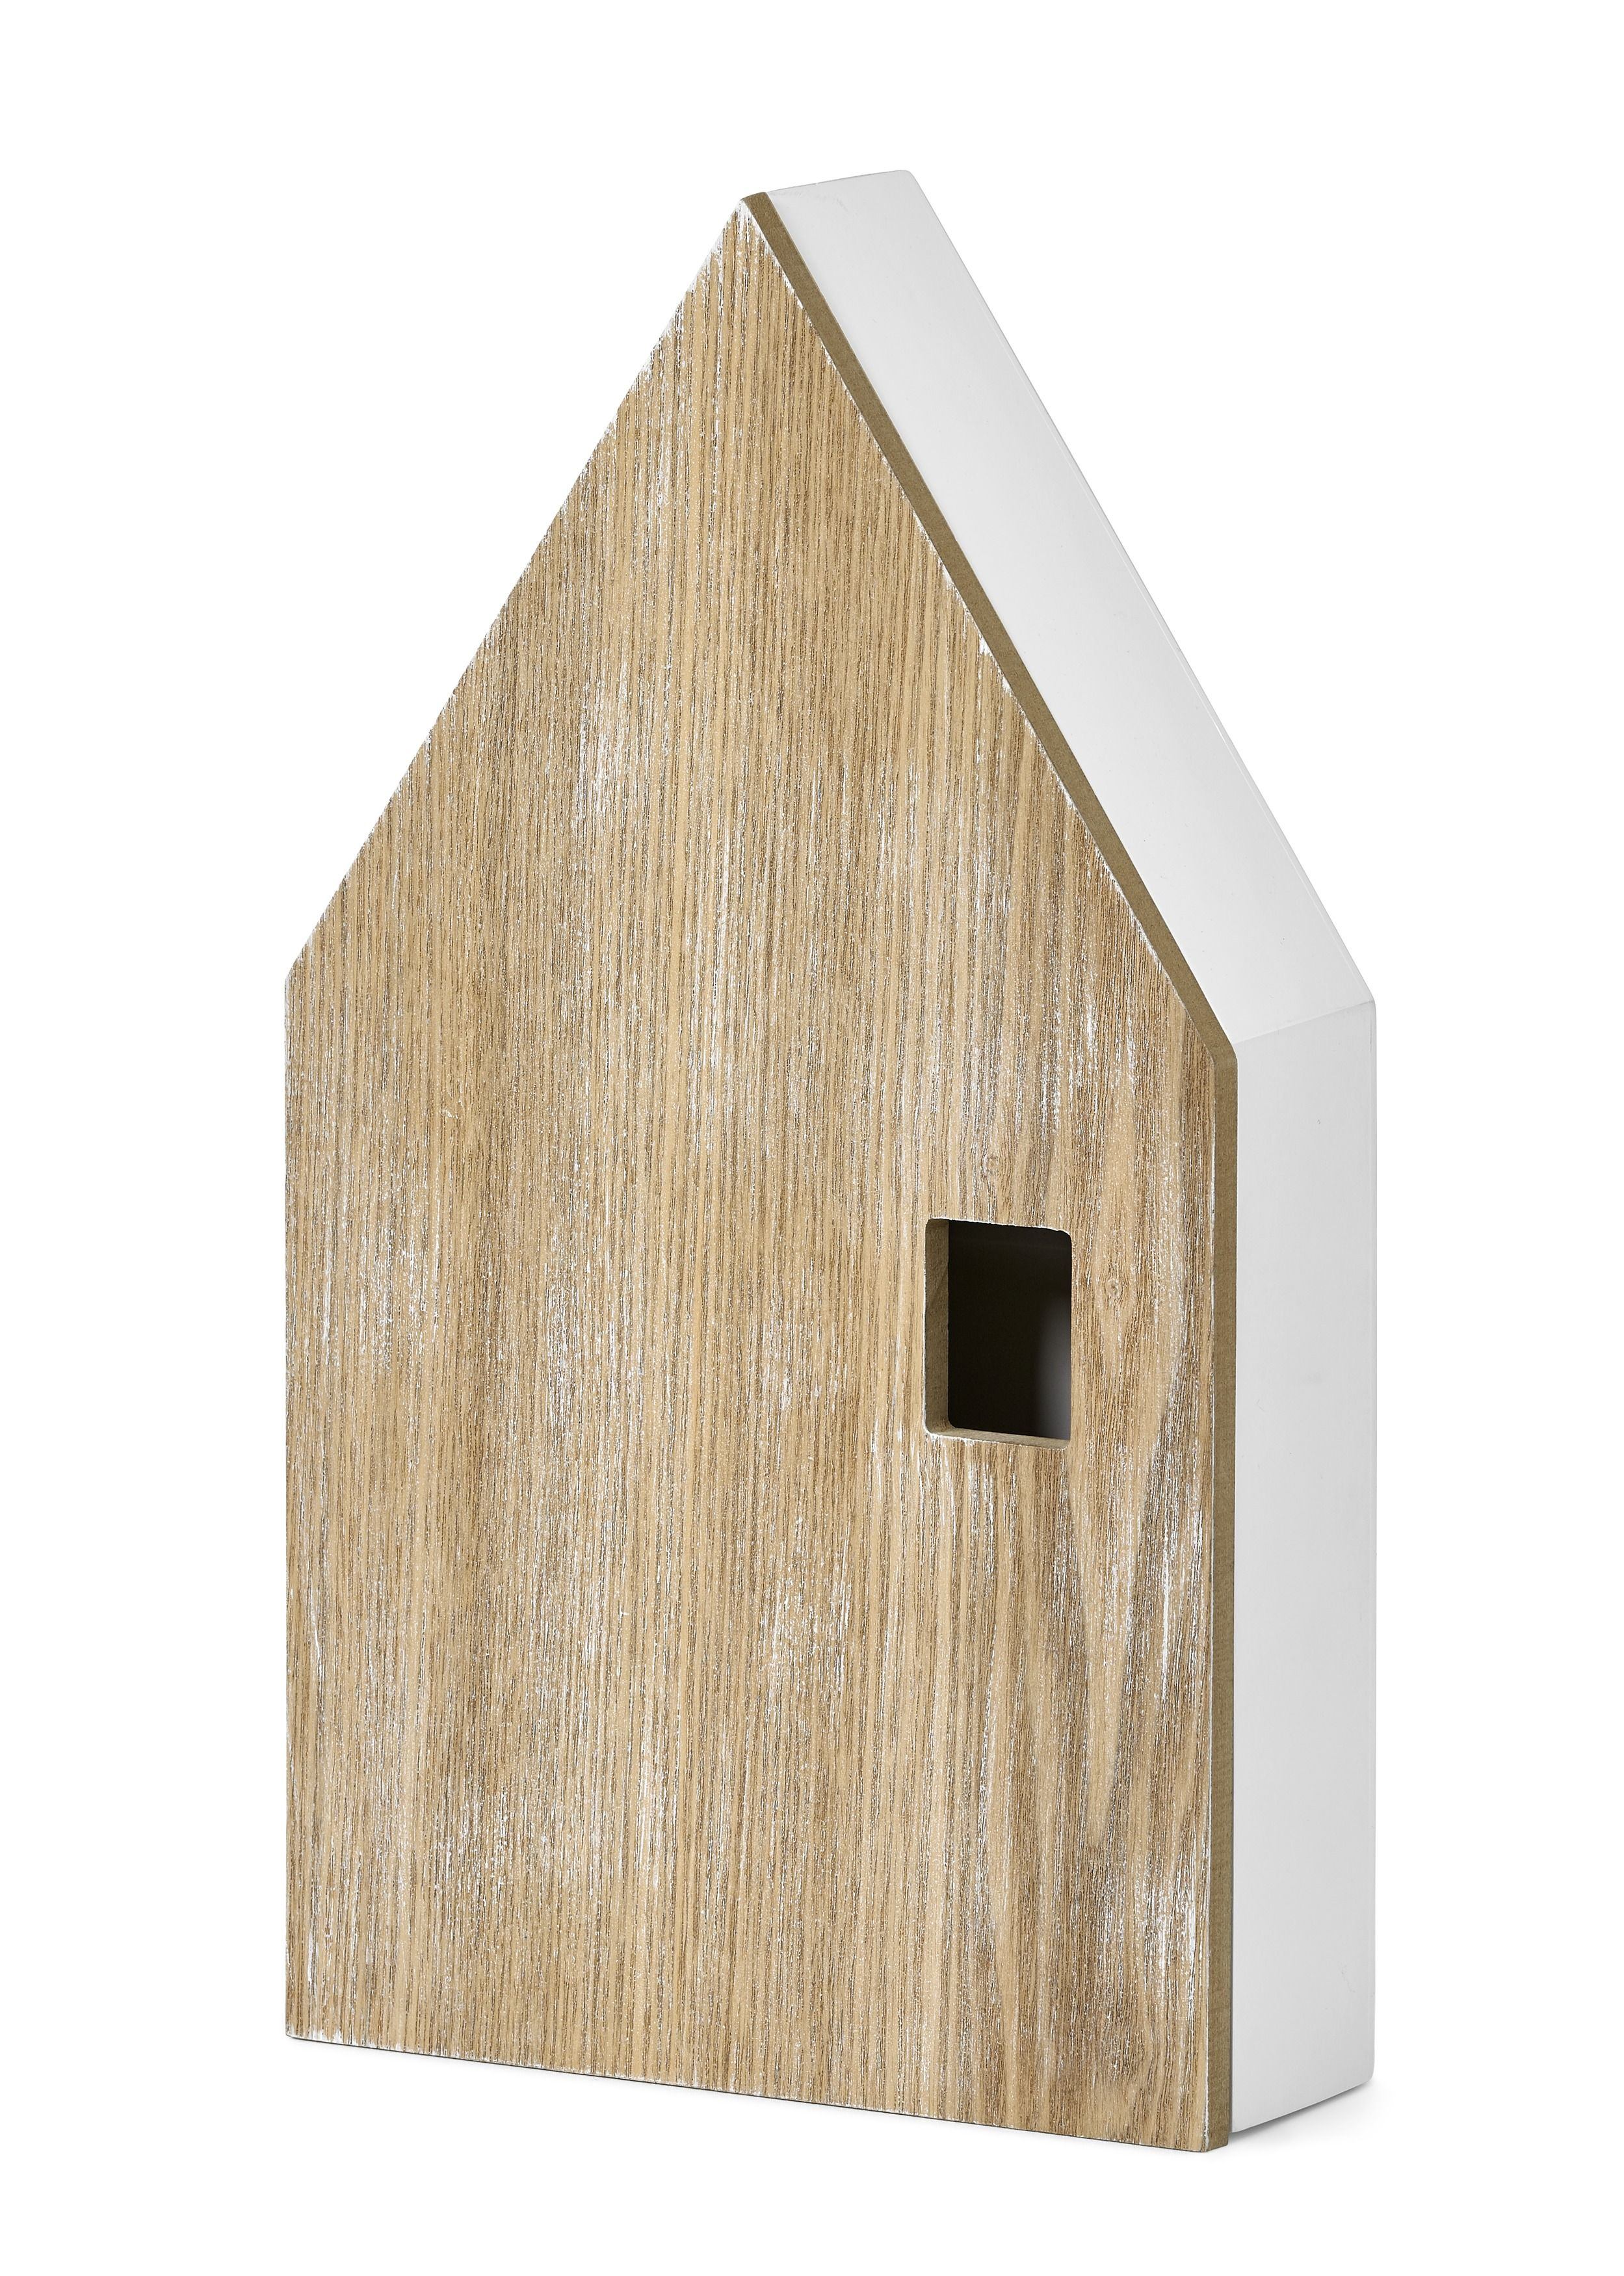 Dekorativt nyckelskåp tillverkat helt i trä som blir en snygg  inredningsdetalj i hemmet. 4a5bc8128ee5e